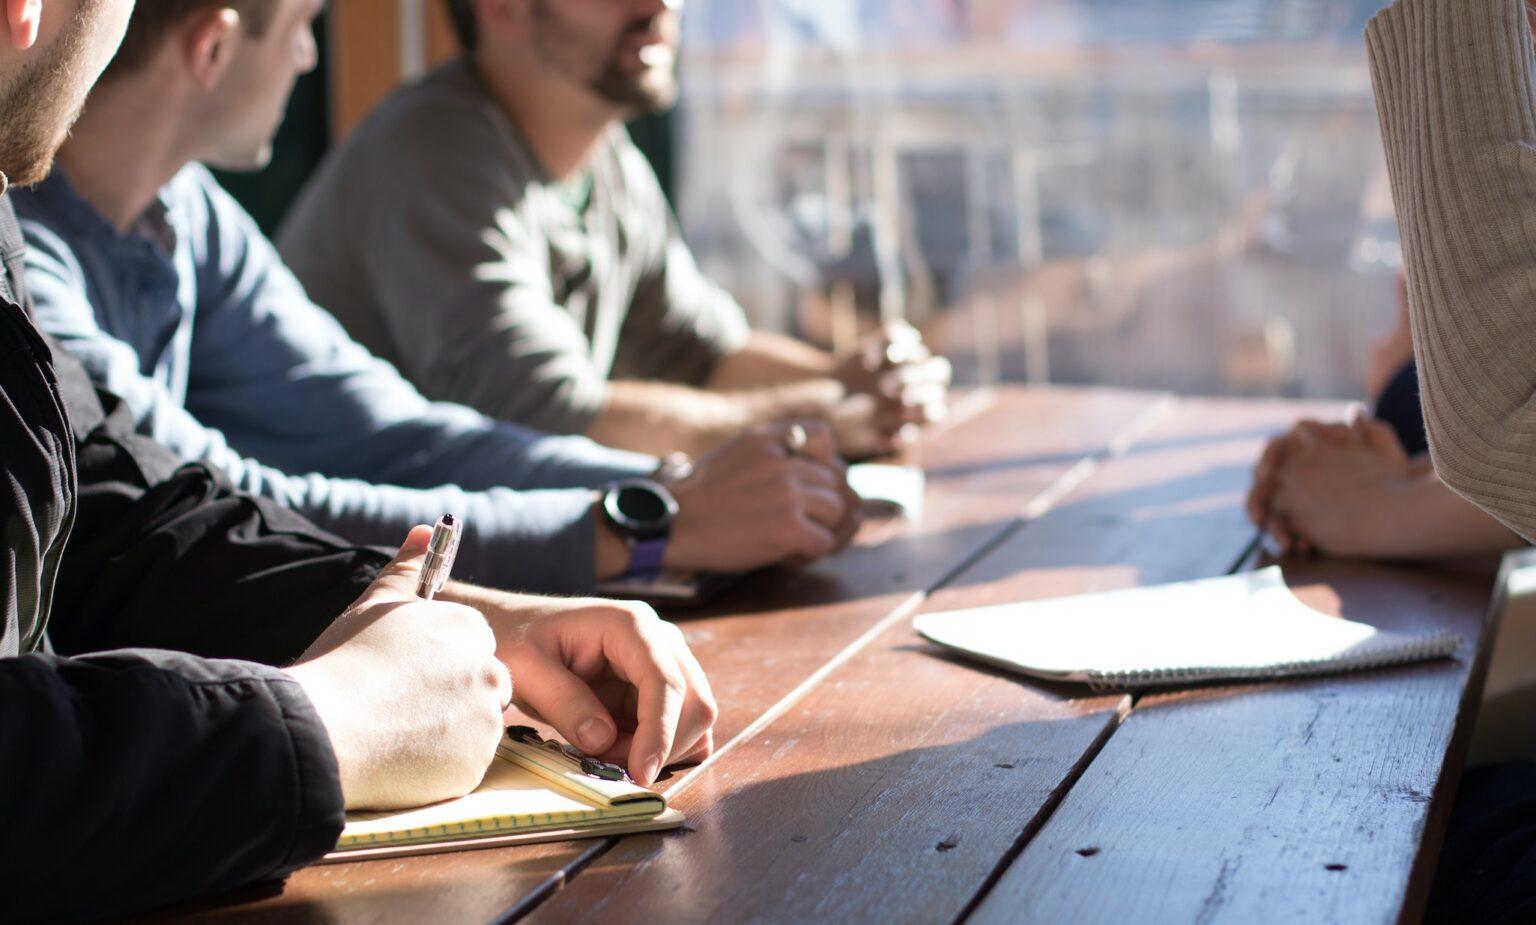 Photographie : 4 personnes travaillent autour d'une table